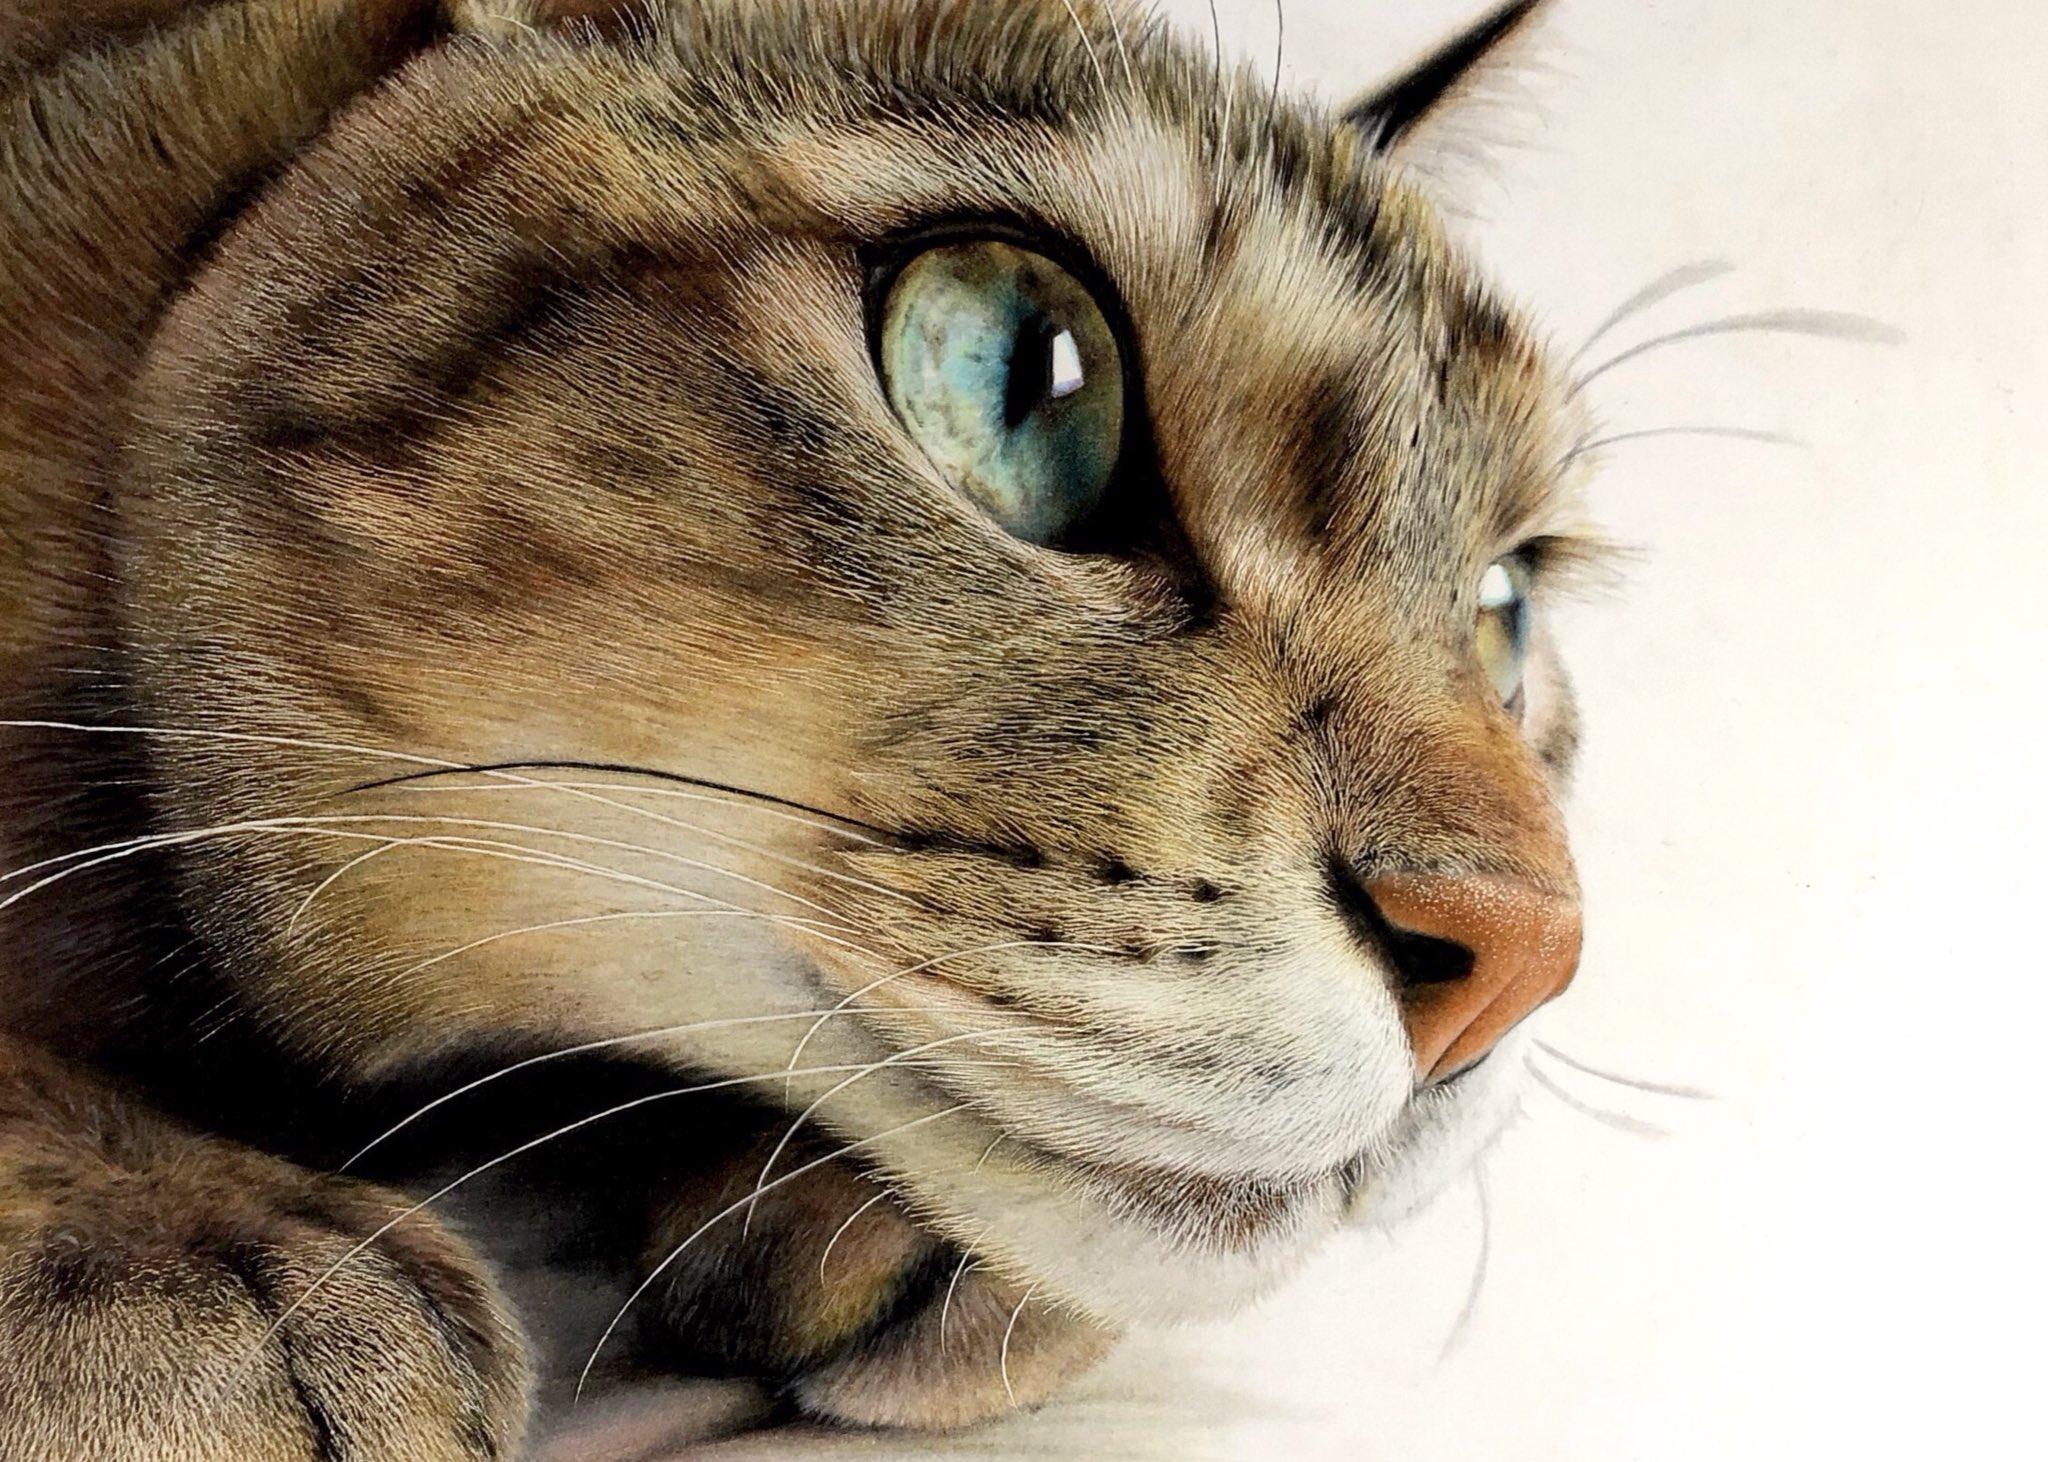 瞳の透明感がすごい! まるで写真のよう【写真提供:音海 はる(@huwahuwa1_25)さん】